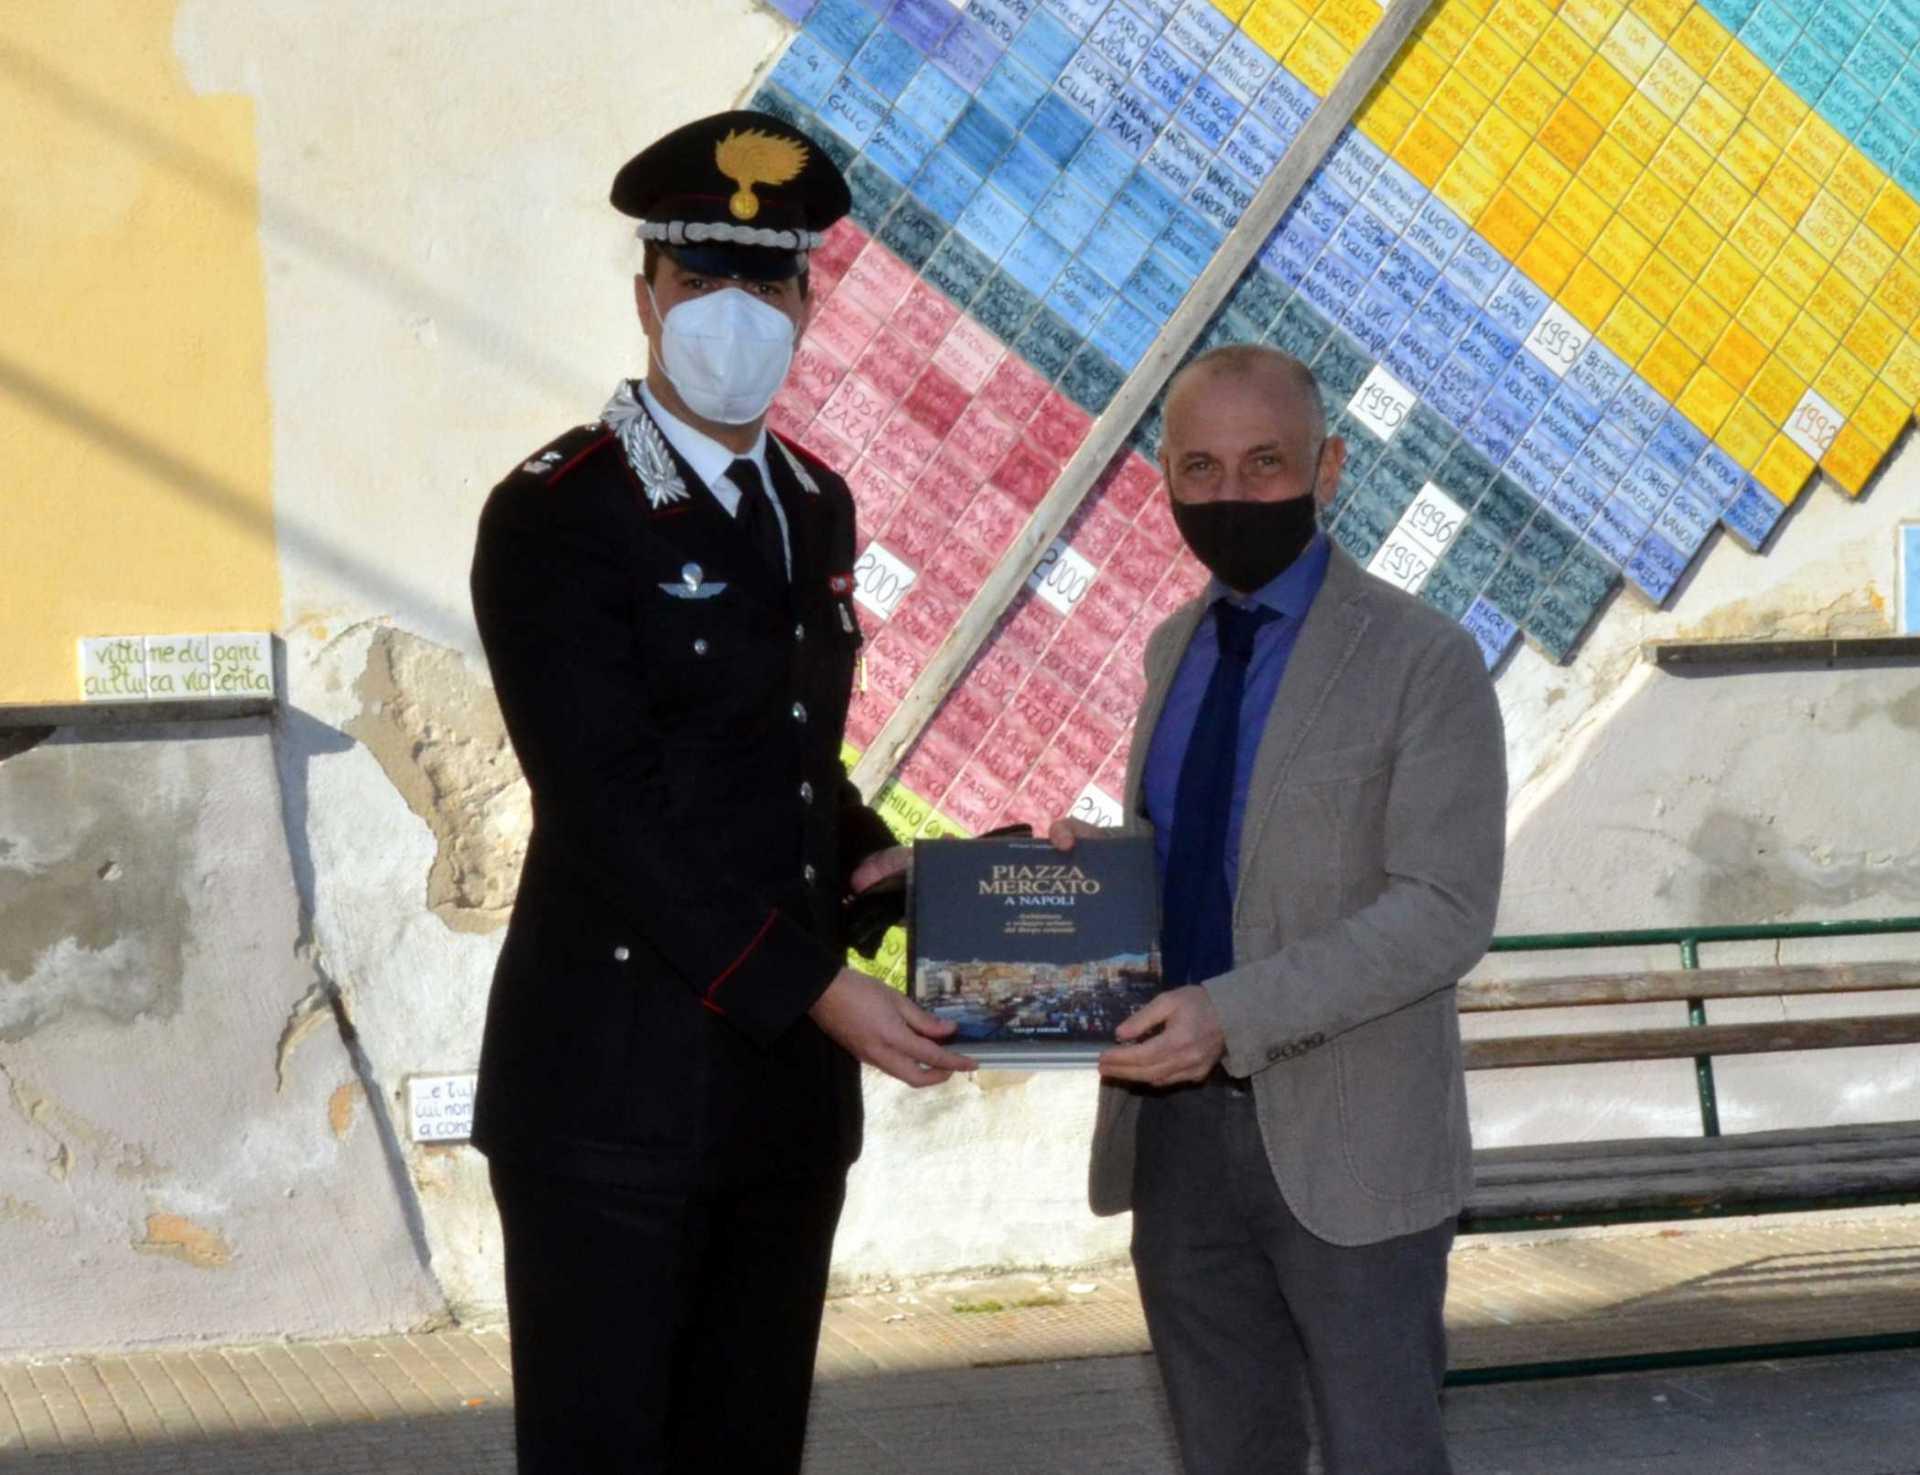 Donati oltre 2mila libri al Penitenziario minorile di Nisida. I volumi, di vario genere letterario, narrativa, storia e altre materie, sono stati messi a disposizione dei ragazzi ristretti nell'istituto.